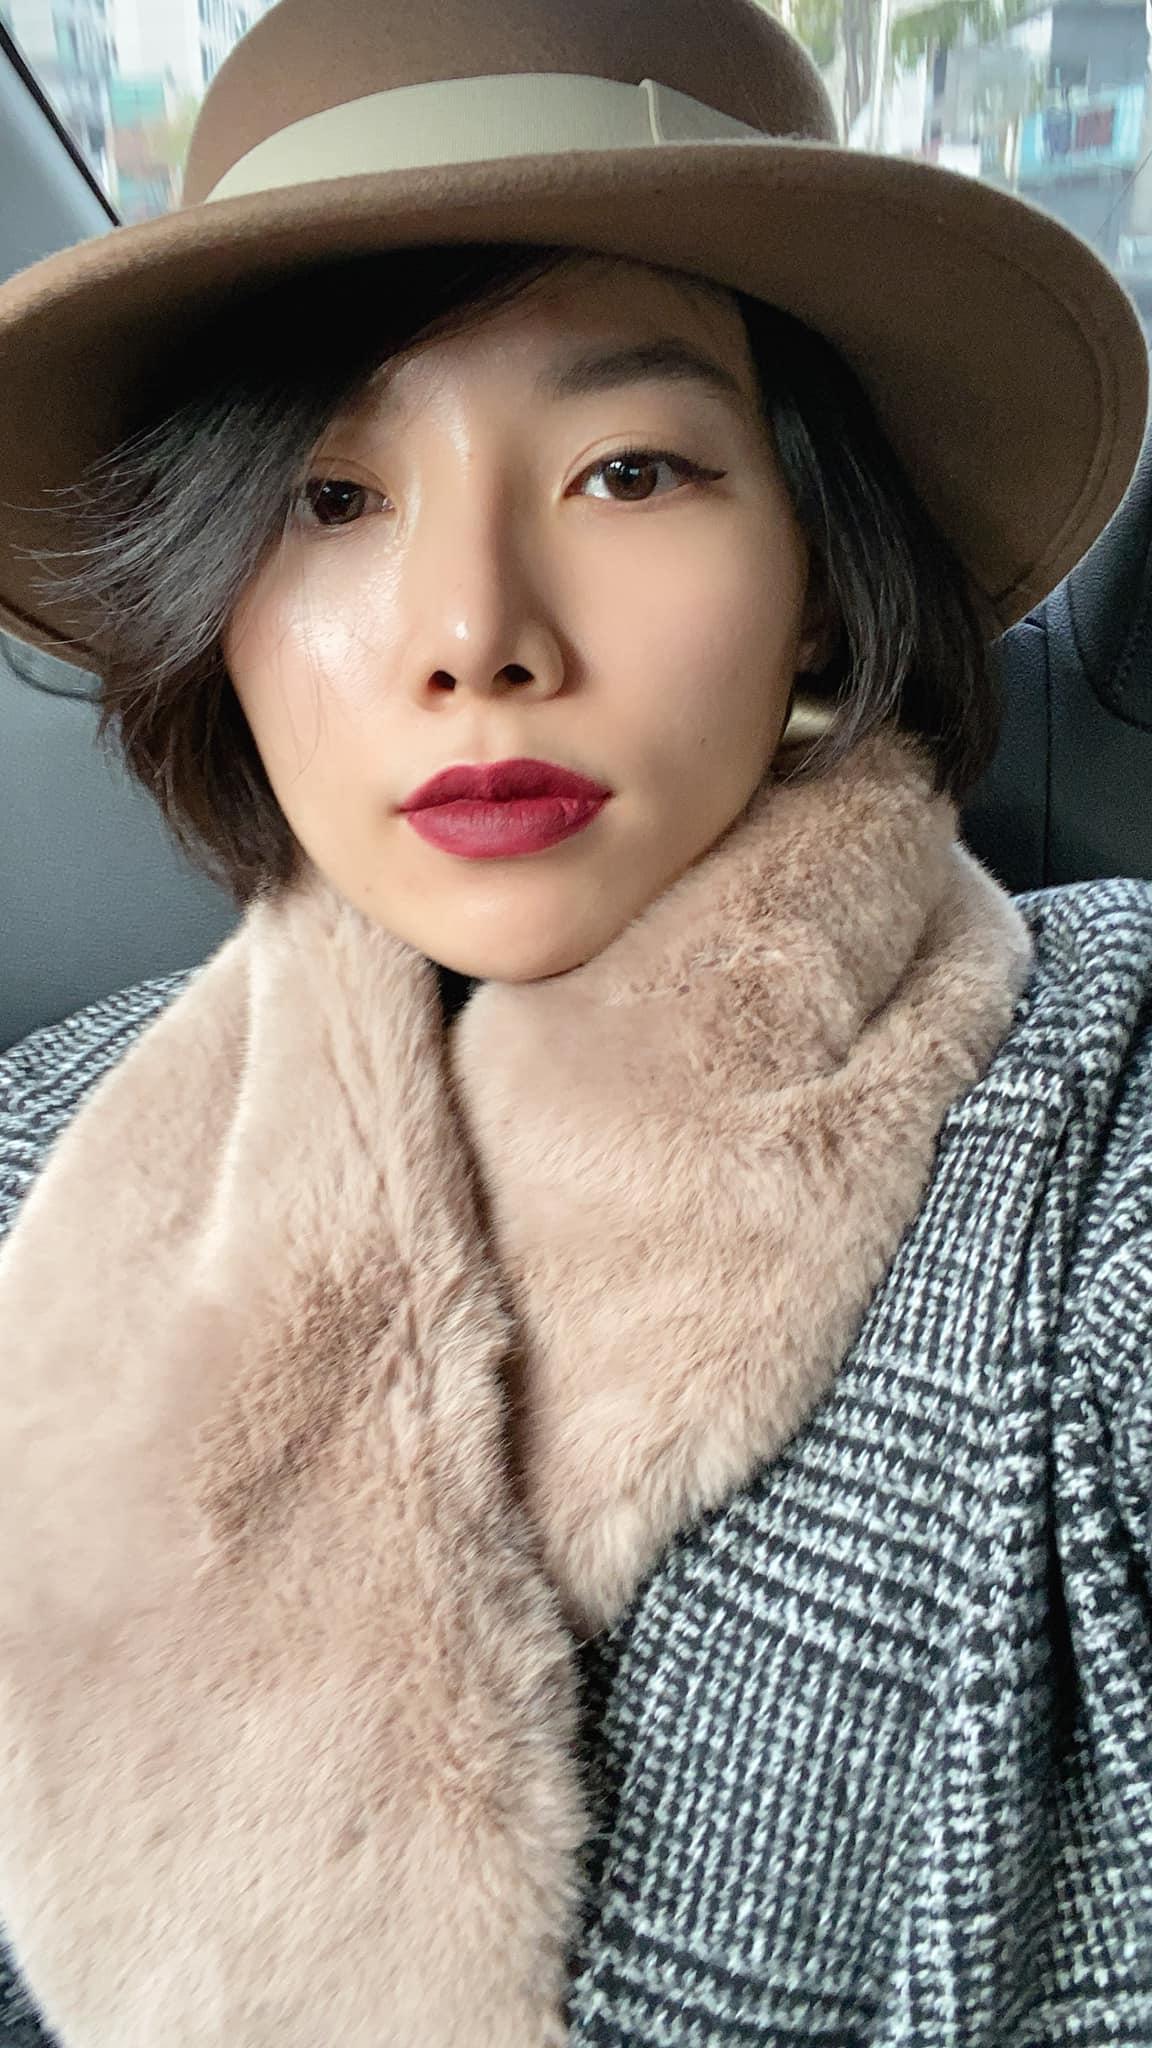 Thảo Lê: Hành trình 5 năm theo chân chuyên da Hàn Quốc, lắm lúc phát bực vì quá nhiều chị em chăm da sai cách  - Ảnh 5.